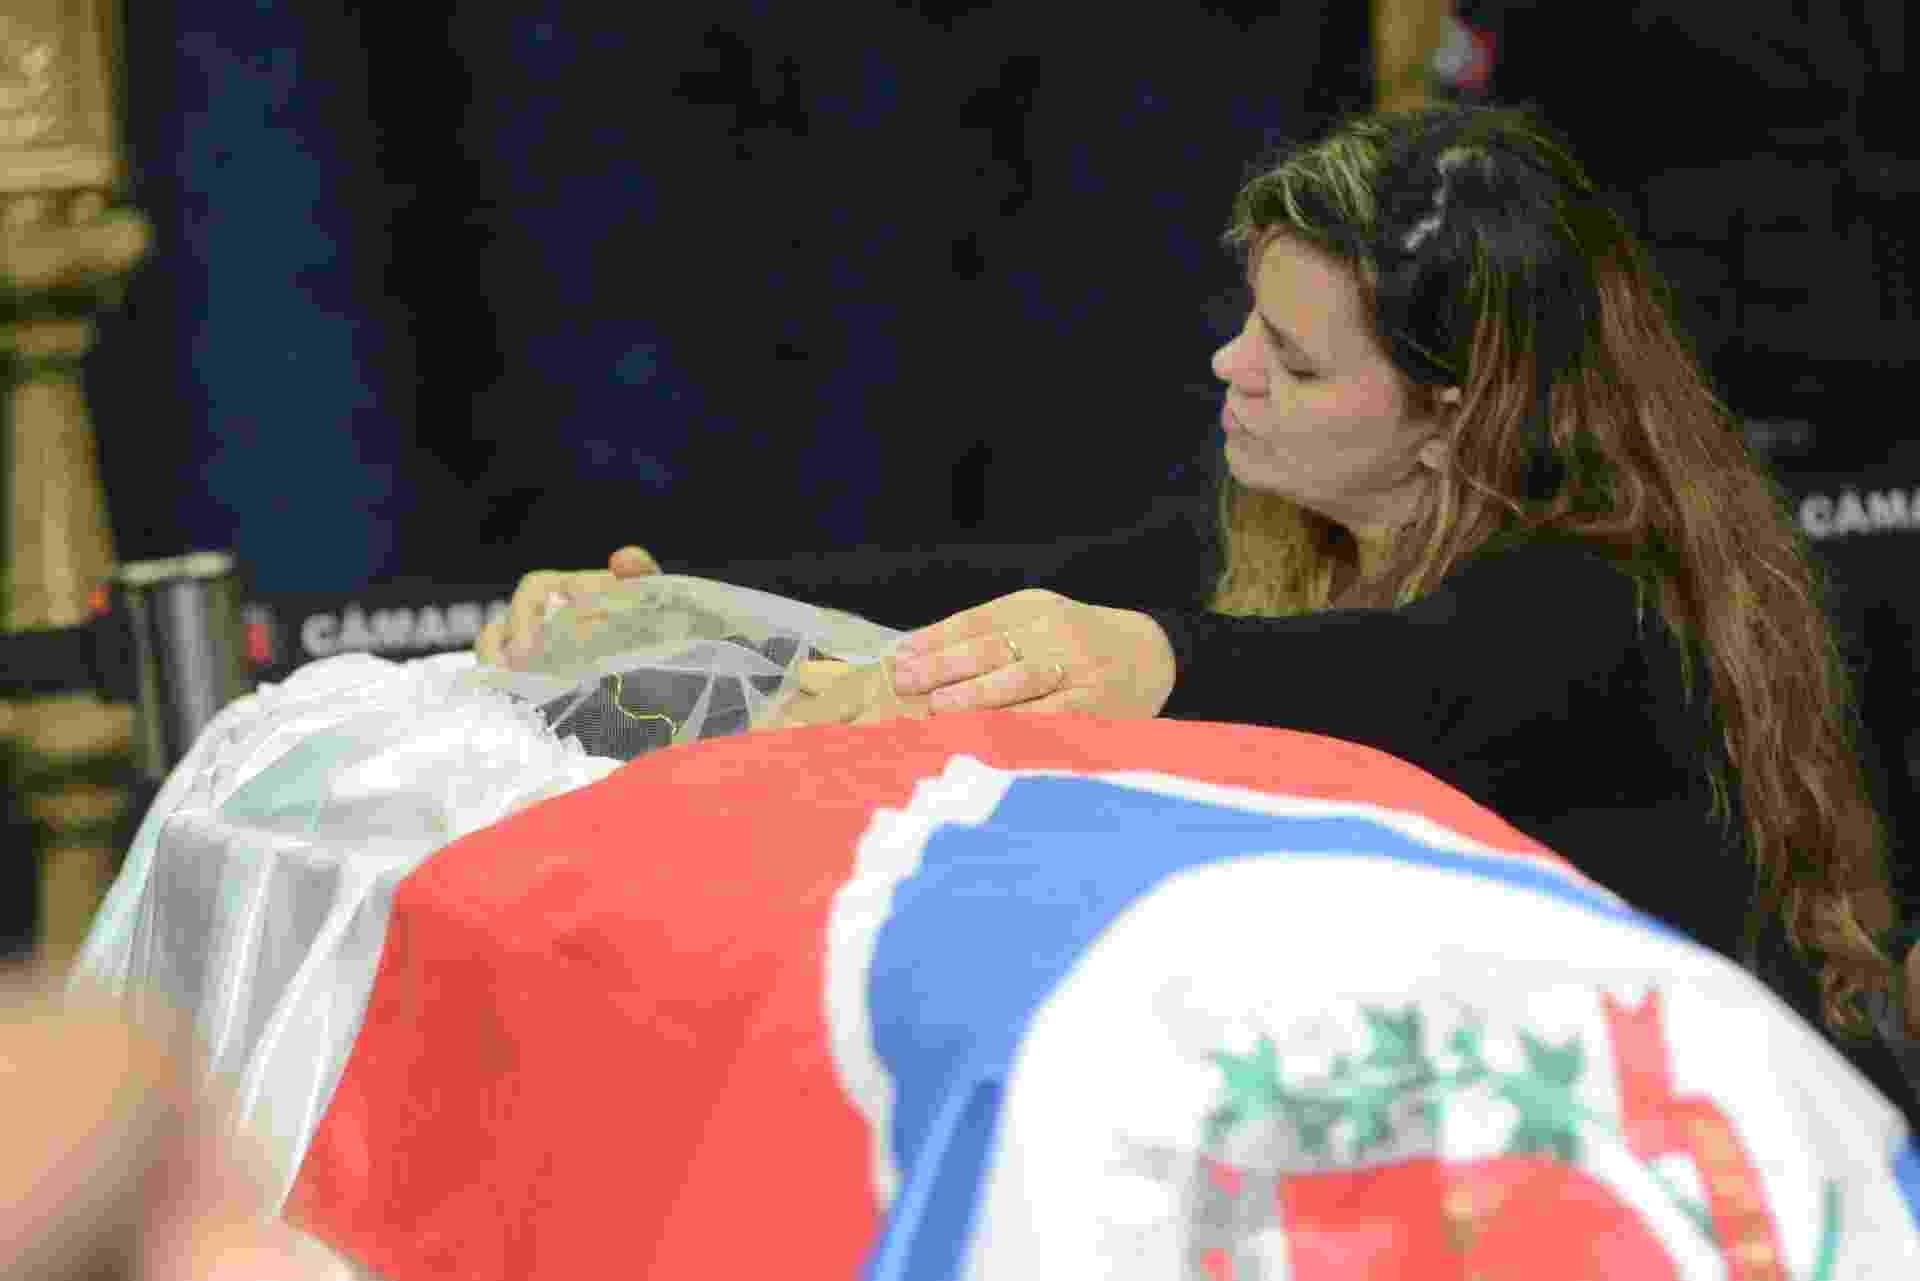 3.mar.2015 - Berenice Martins Alves do Santos, mulher de José Rico, ao lado do caixão do músico em Americana (SP) - Fernando Rosolen/UOL